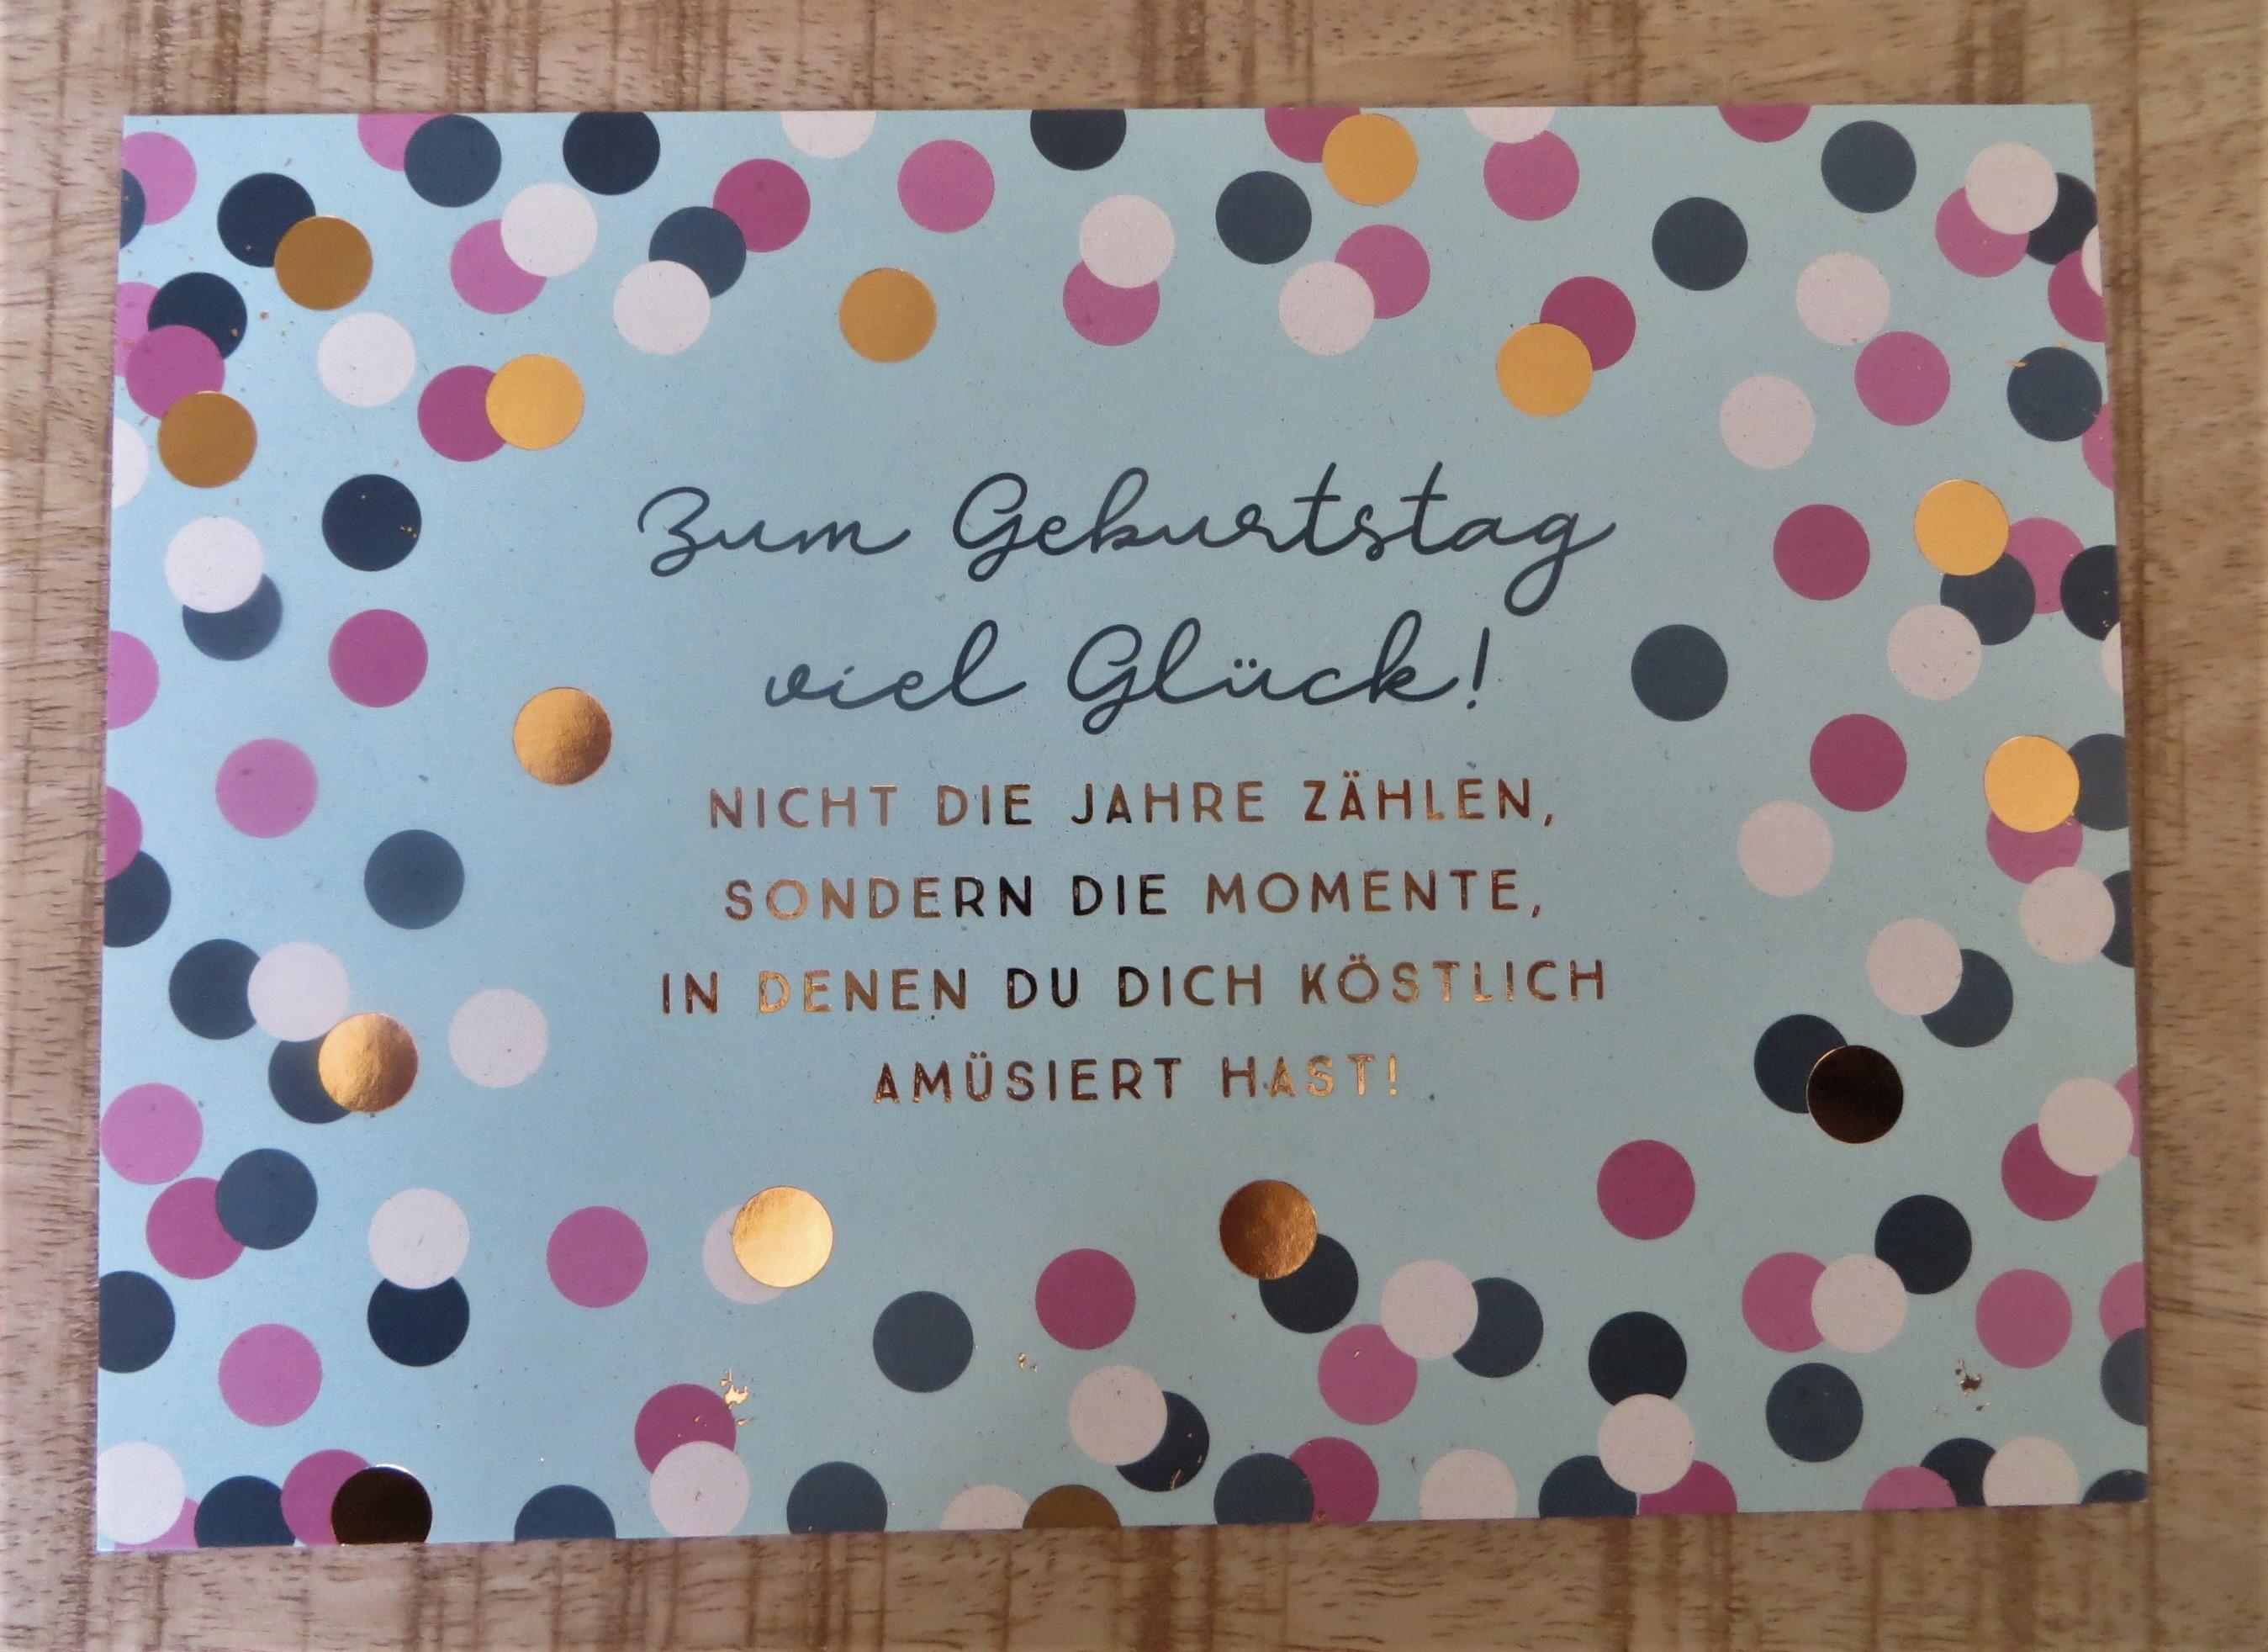 - Postkarte Zum Geburtstag viel Glück VintageArt - Onlineshop Tante Emmer